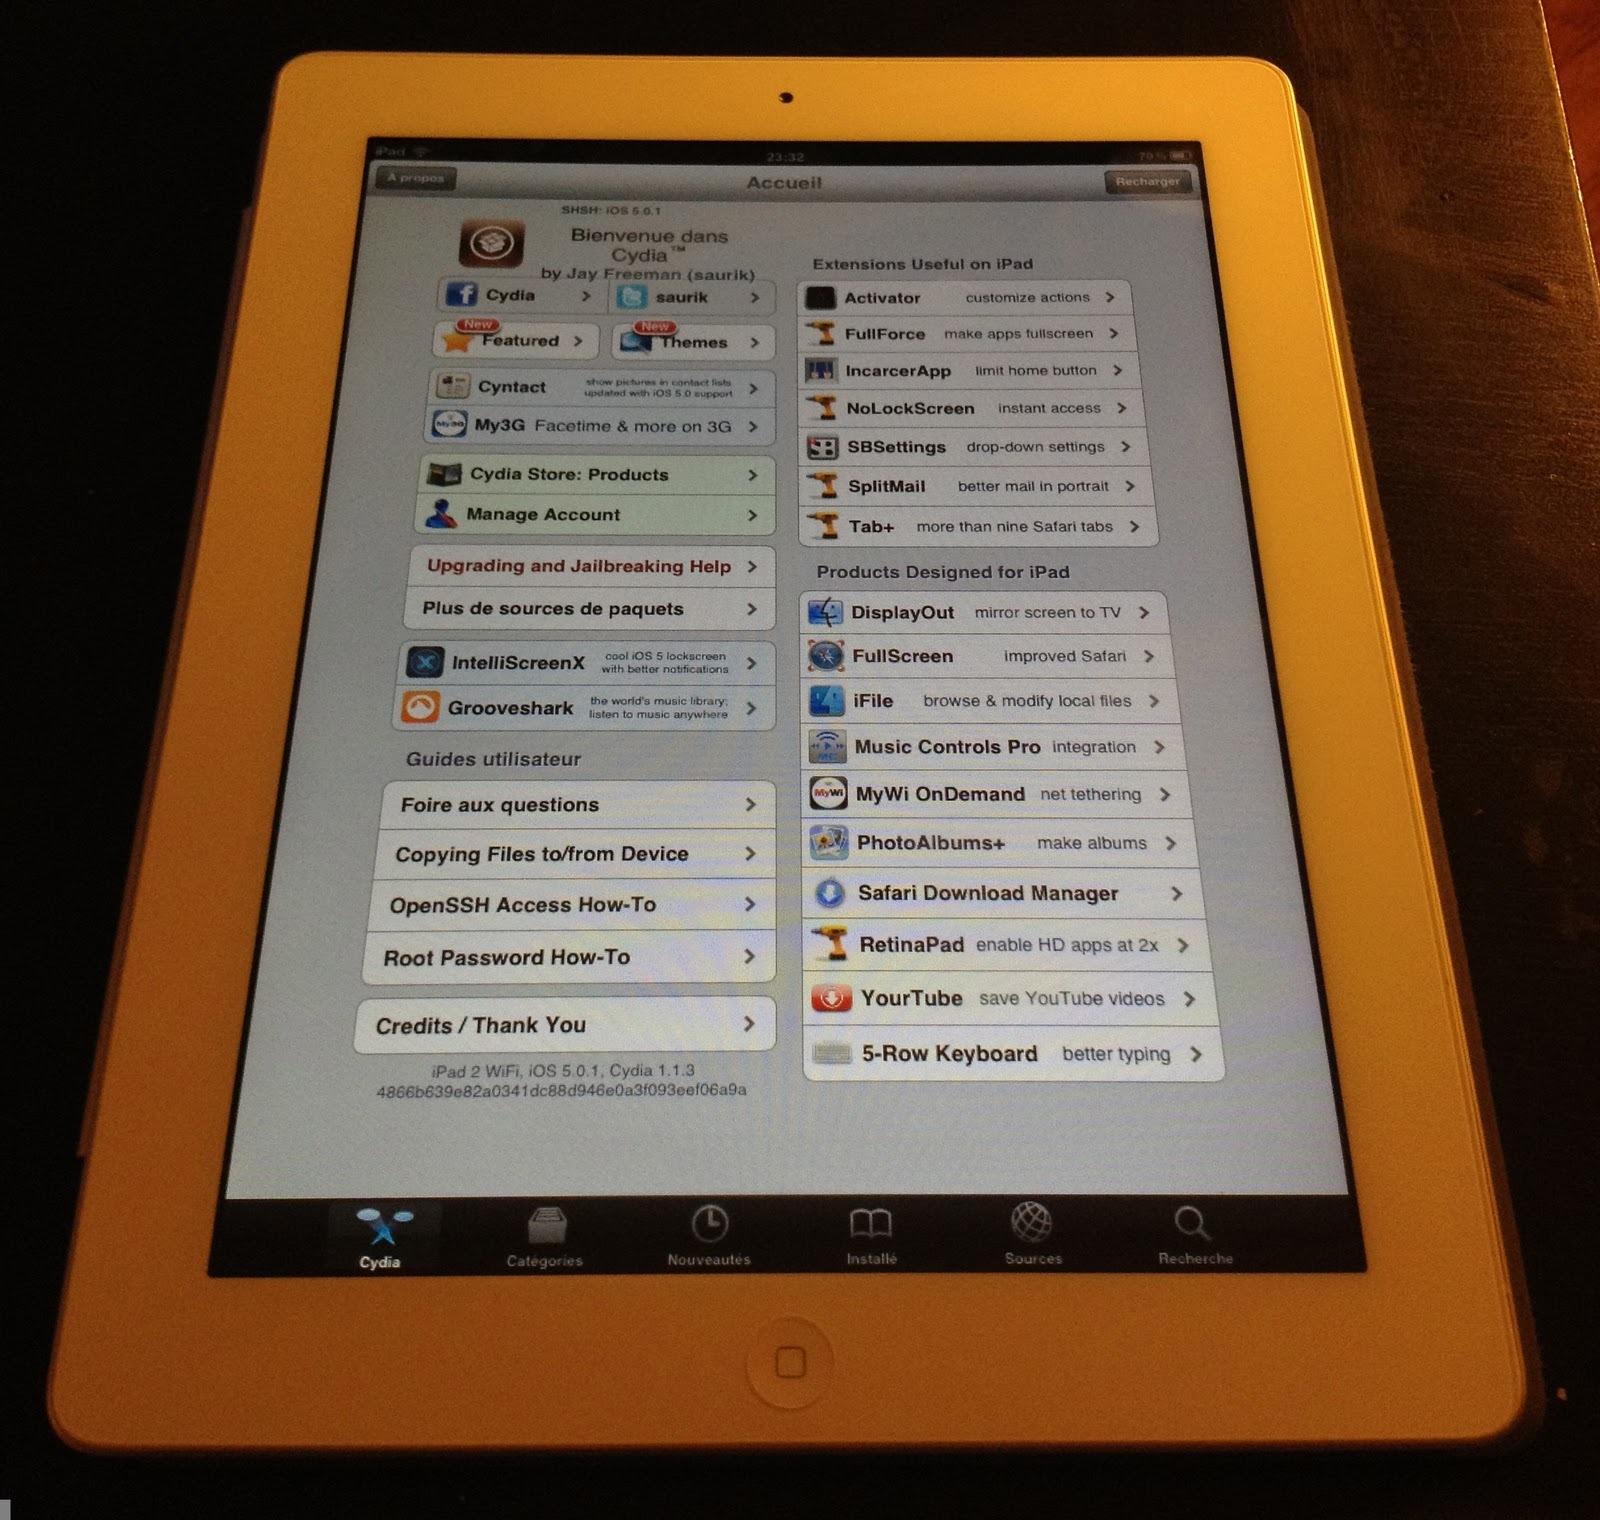 iPad 2 untethered